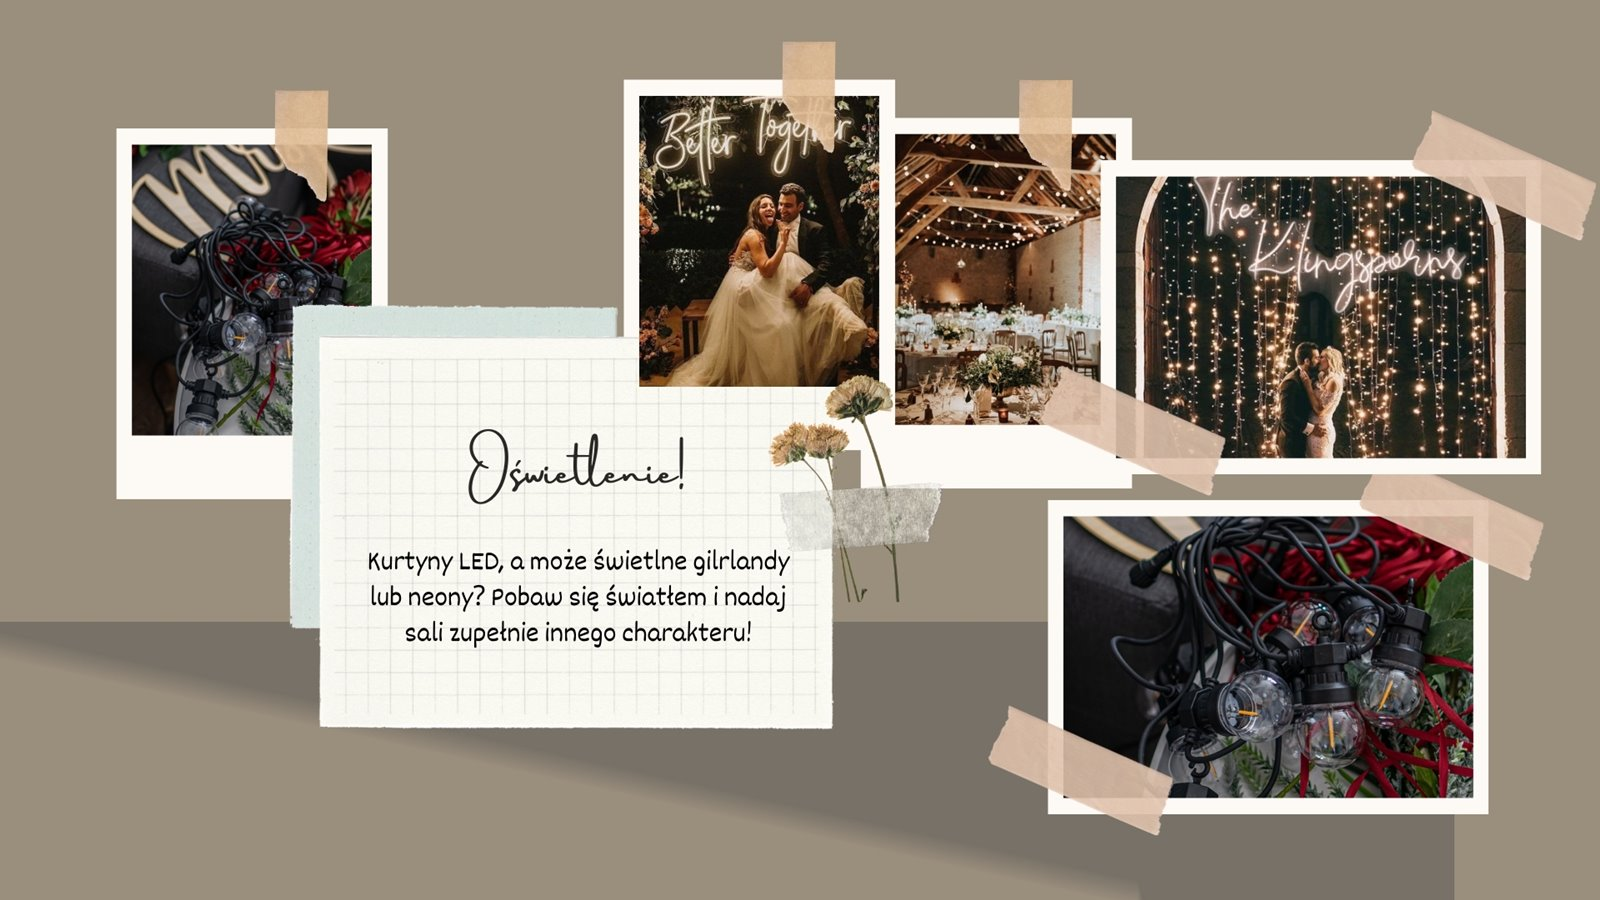 4 girlandy weselne diy dekoracje slubne za grosze jak zaoszczedzic na dekoracjach sali weselnej happenings diy